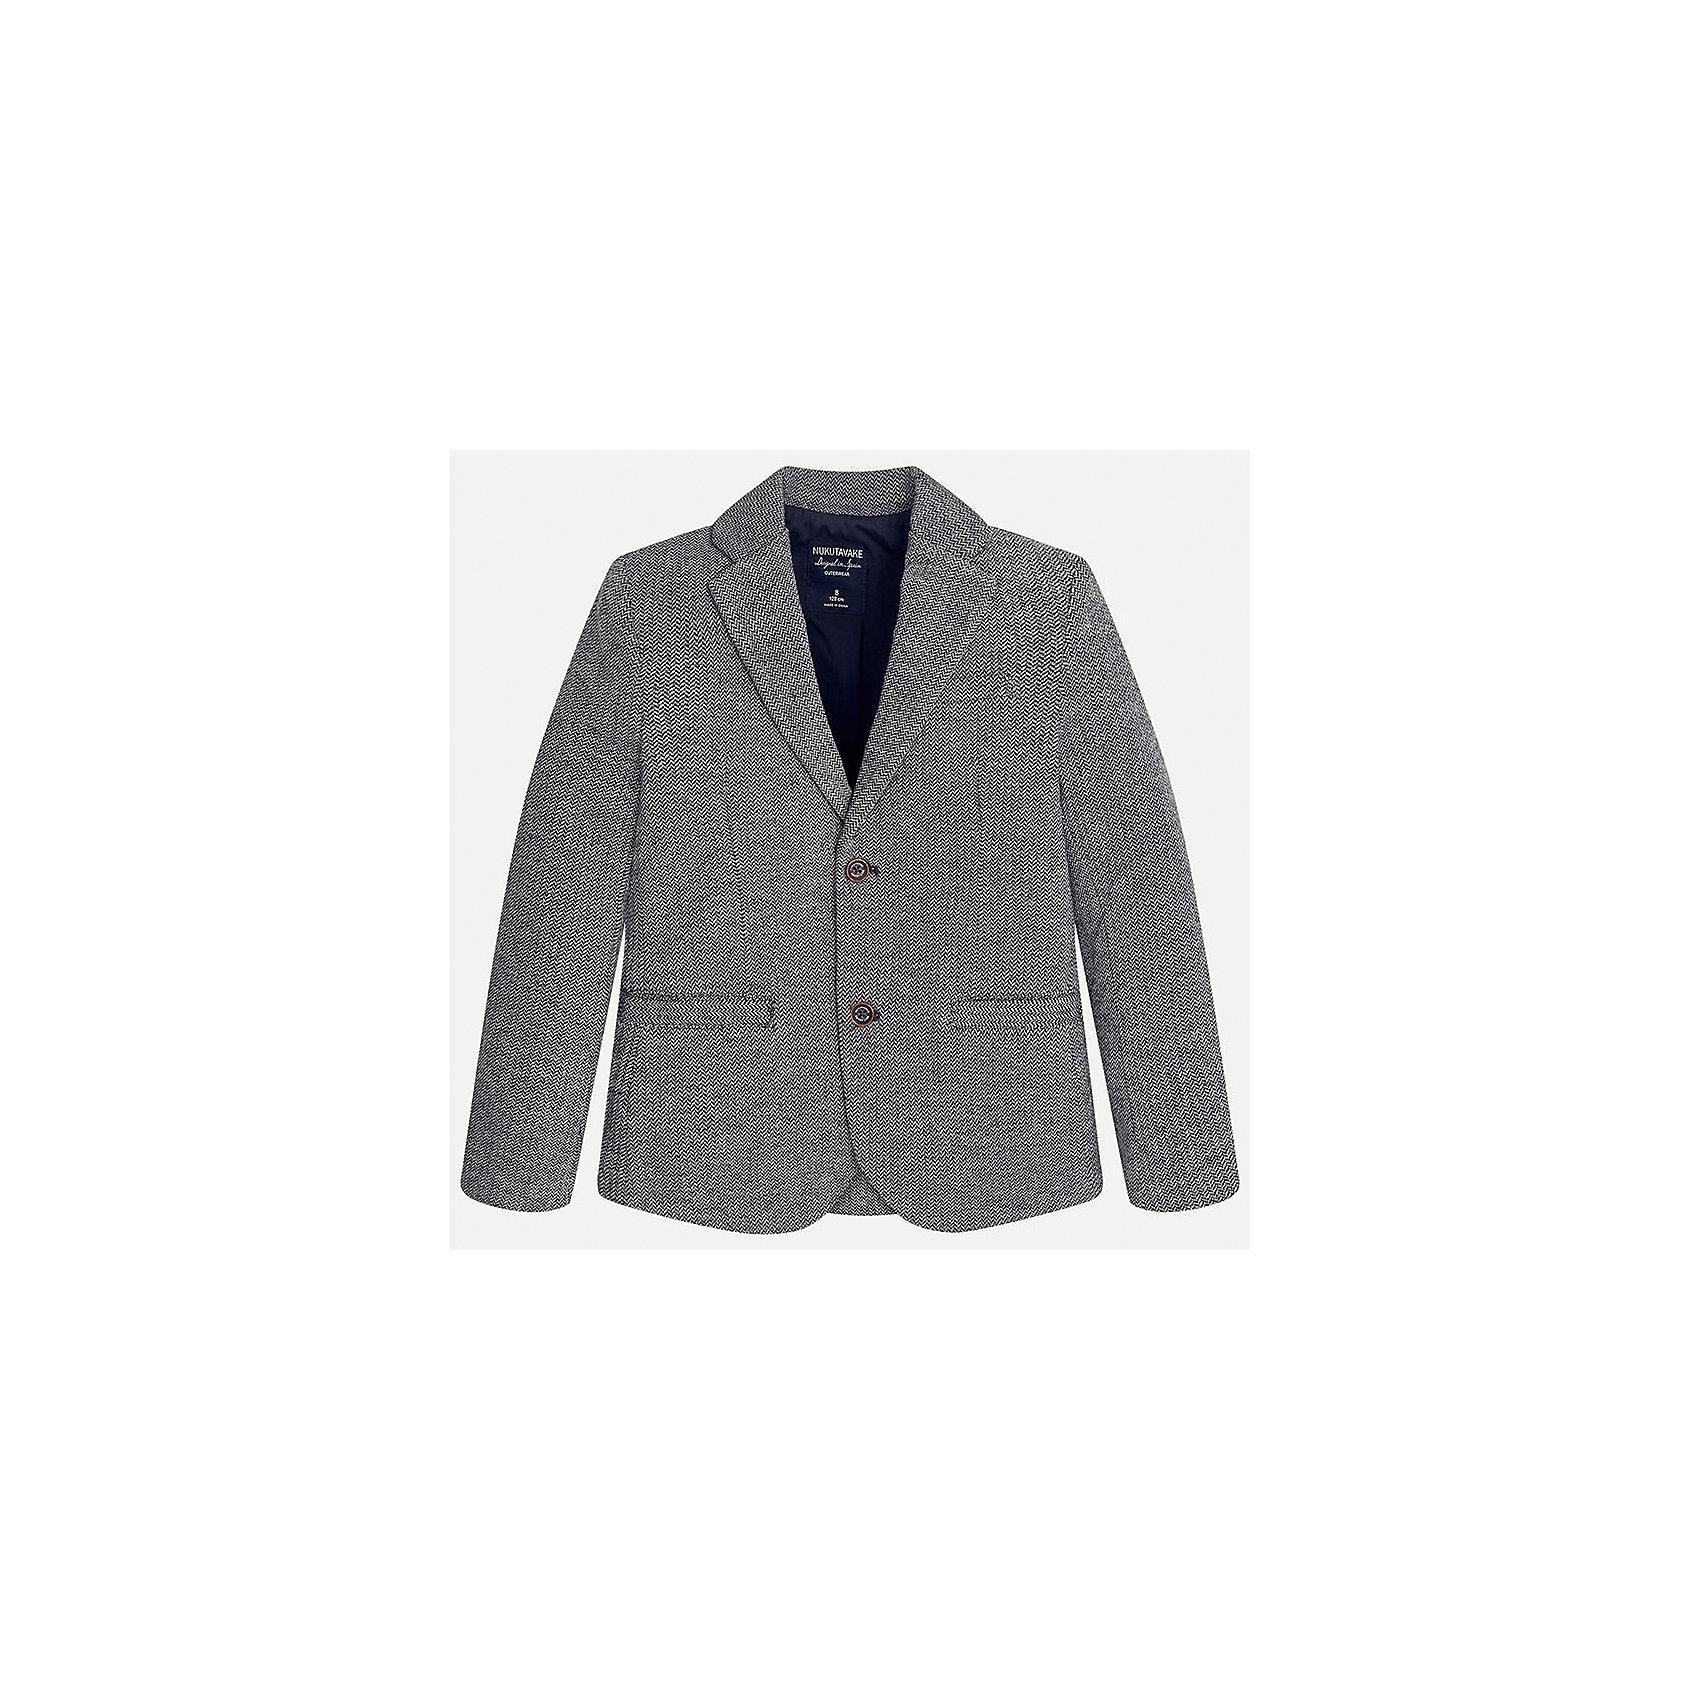 Пиджак для мальчика MayoralПиджаки и костюмы<br>Характеристики товара:<br><br>• цвет: серый;<br>• стиль: школа;<br>• состав ткани: 60% хлопок, 40% полиэстер;<br>• отложный воротник;<br>• на пуговицах;<br>• передние карманы;<br>• сезон: демисезон;<br>• страна бренда: Испания;<br>• страна изготовитель: Китай.<br><br>Пиджак для мальчика от популярного бренда Mayoral на подкладке, выполнен из приятной на ощупь ткани, застёгивается на пуговицы. Однотонная модель серого цвета дополнена двумя декоративными передними карманами.<br><br>Стильный пиджак выгодно подчеркнёт повседневный и школьный образ ребёнка, смотрится аккуратно и нарядно. Замечательно комбинируется со многими предметами гардероба.<br><br>Для производства детской одежды популярный бренд Mayoral используют только качественную фурнитуру и материалы. Оригинальные и модные вещи от Майорал неизменно привлекают внимание и нравятся детям.<br><br>Пиджак для мальчика  Mayoral (Майорал) можно купить в нашем интернет-магазине.<br><br>Ширина мм: 190<br>Глубина мм: 74<br>Высота мм: 229<br>Вес г: 236<br>Цвет: серый<br>Возраст от месяцев: 168<br>Возраст до месяцев: 180<br>Пол: Мужской<br>Возраст: Детский<br>Размер: 170,128/134,140,152,158,164<br>SKU: 6938768